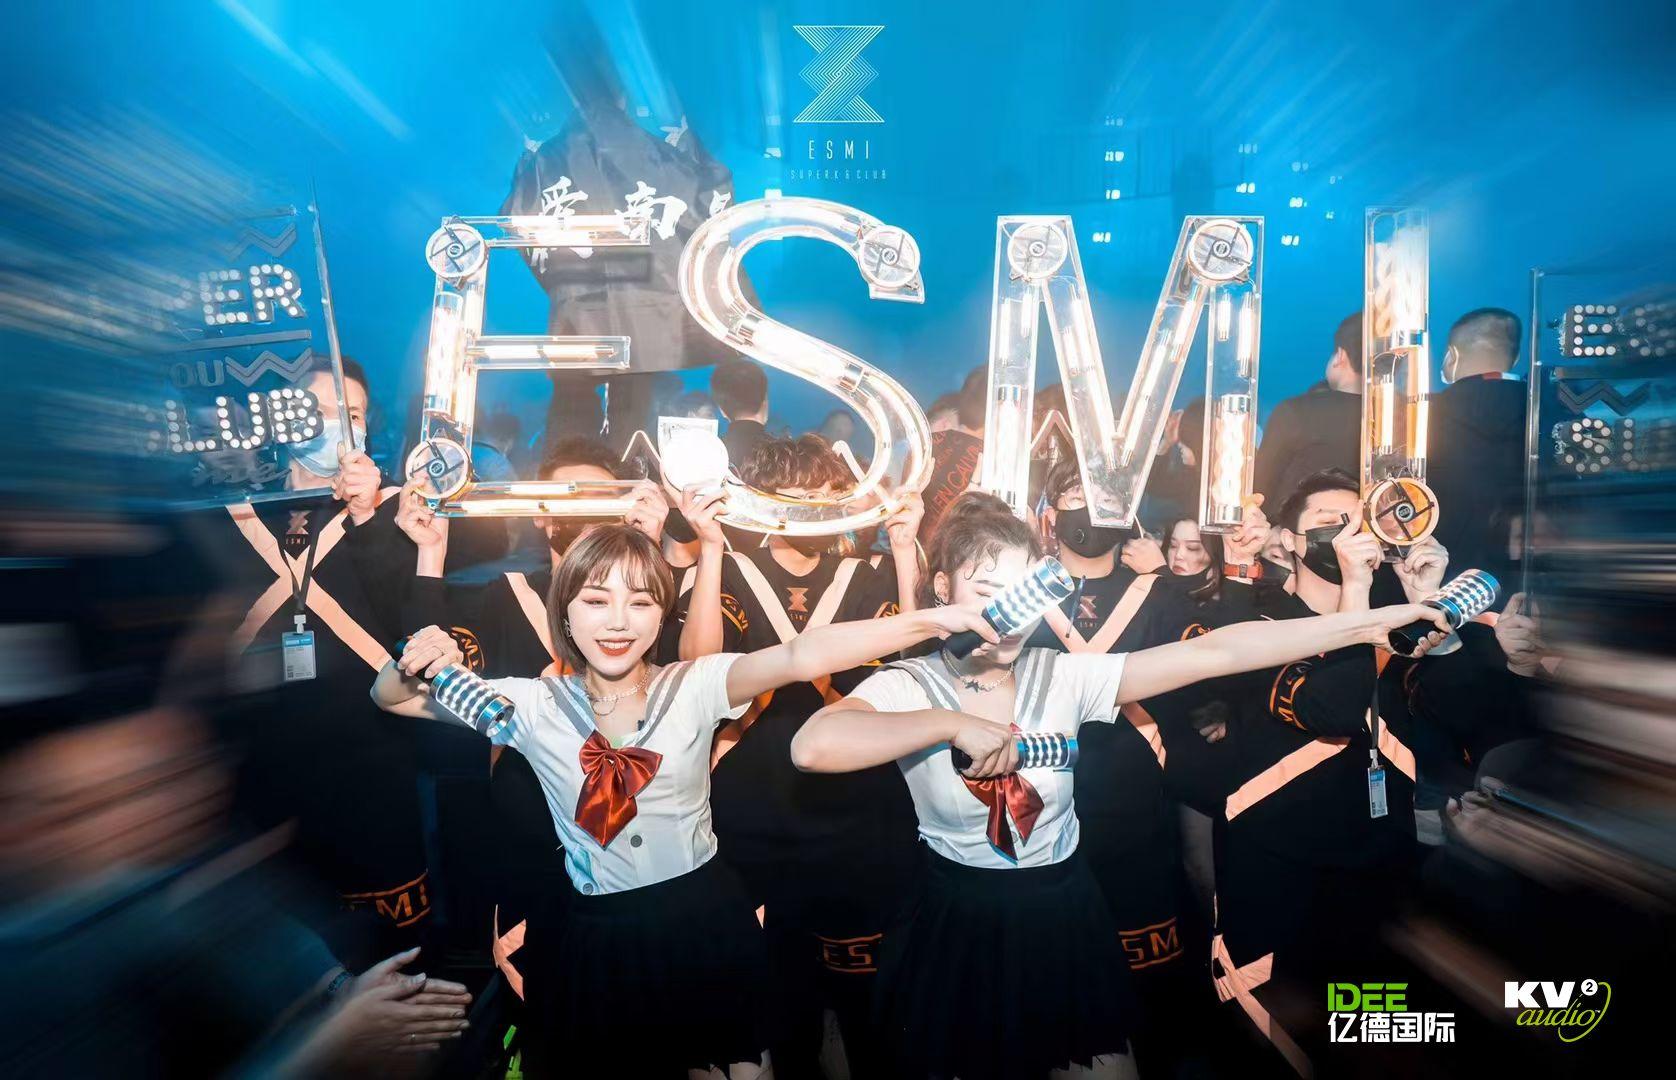 南昌·ESMI CLUB